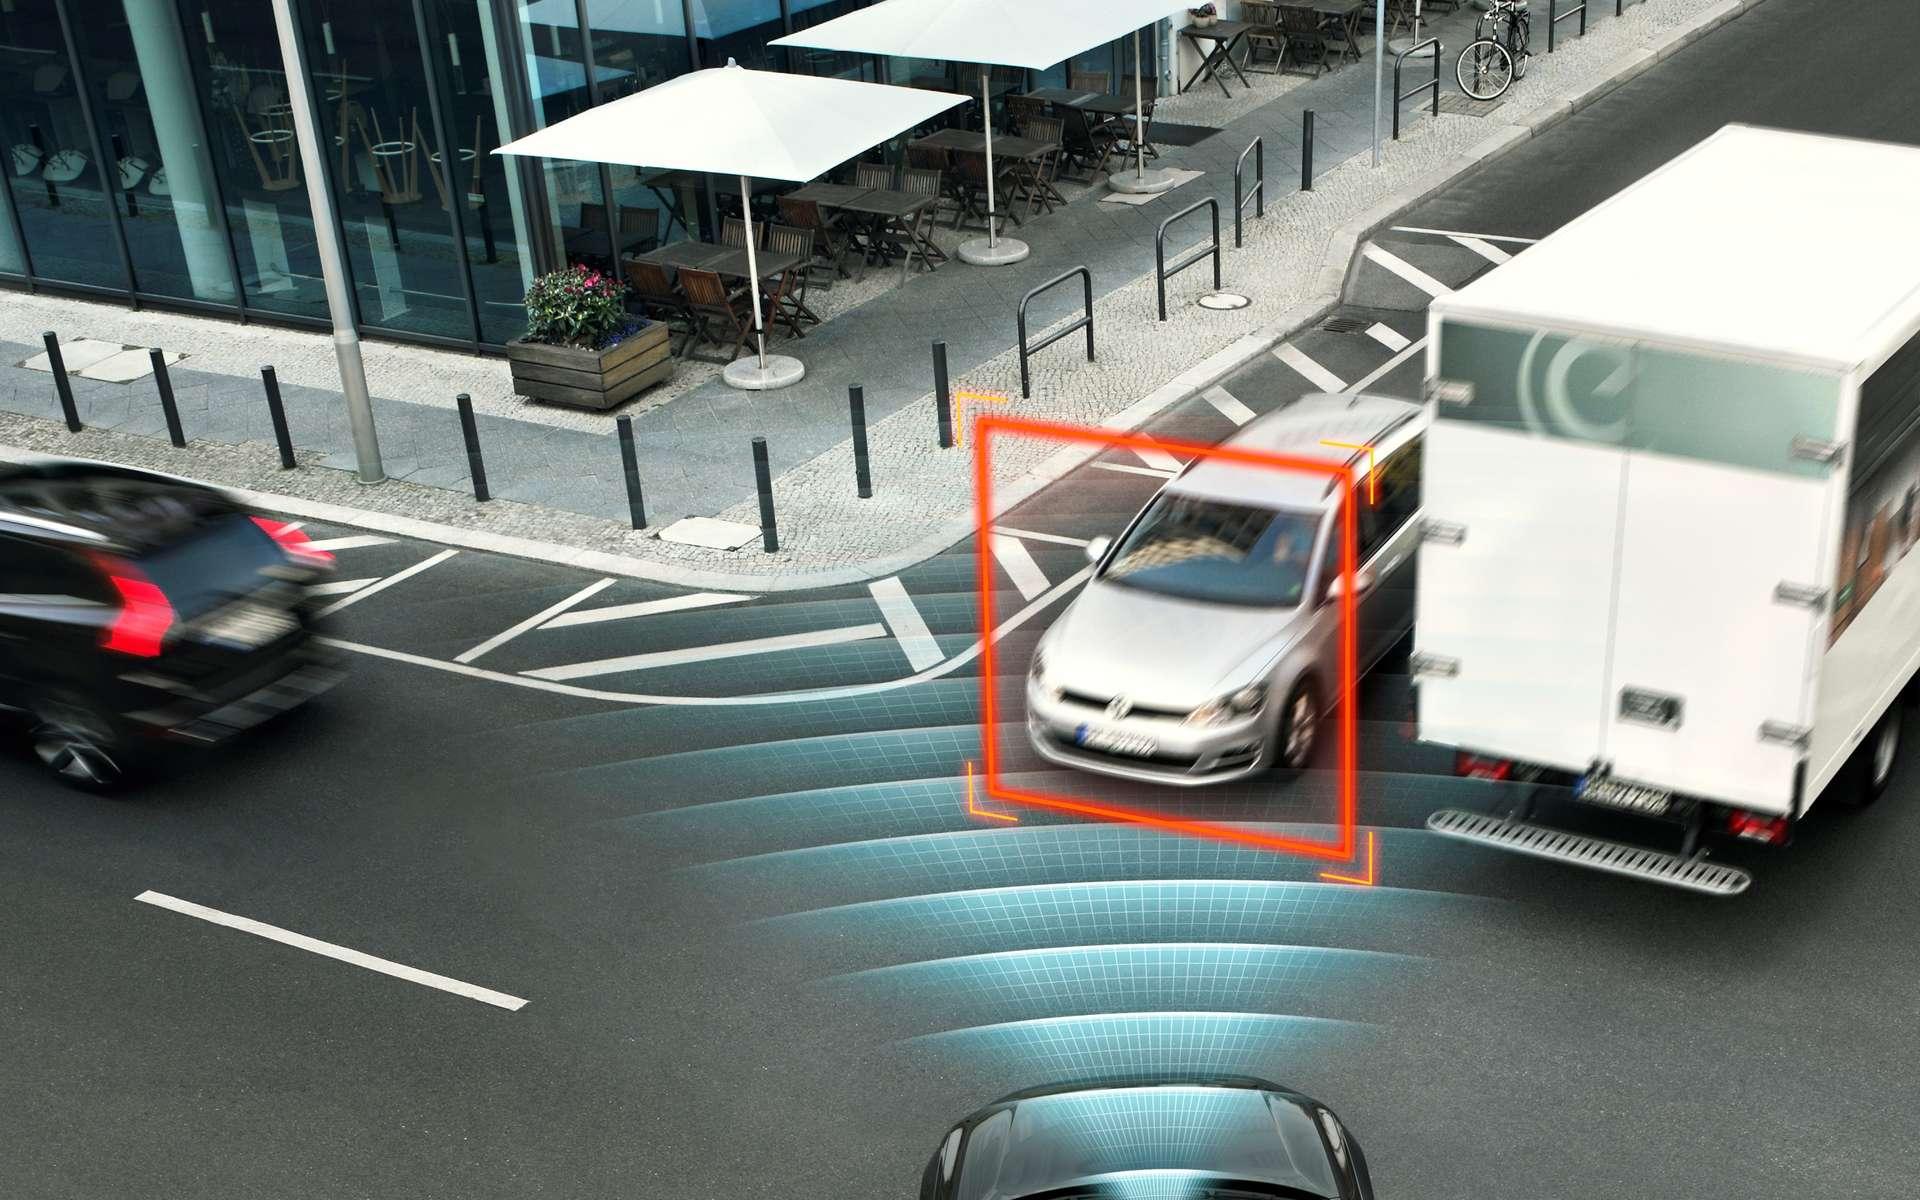 Le prochain SUV haut de gamme Volvo XC90, bardé de radars, saura paraît-il freiner de lui-même dans certains cas et serrera les ceintures avant que la voiture ne quitte définitivement la route. © Volvo